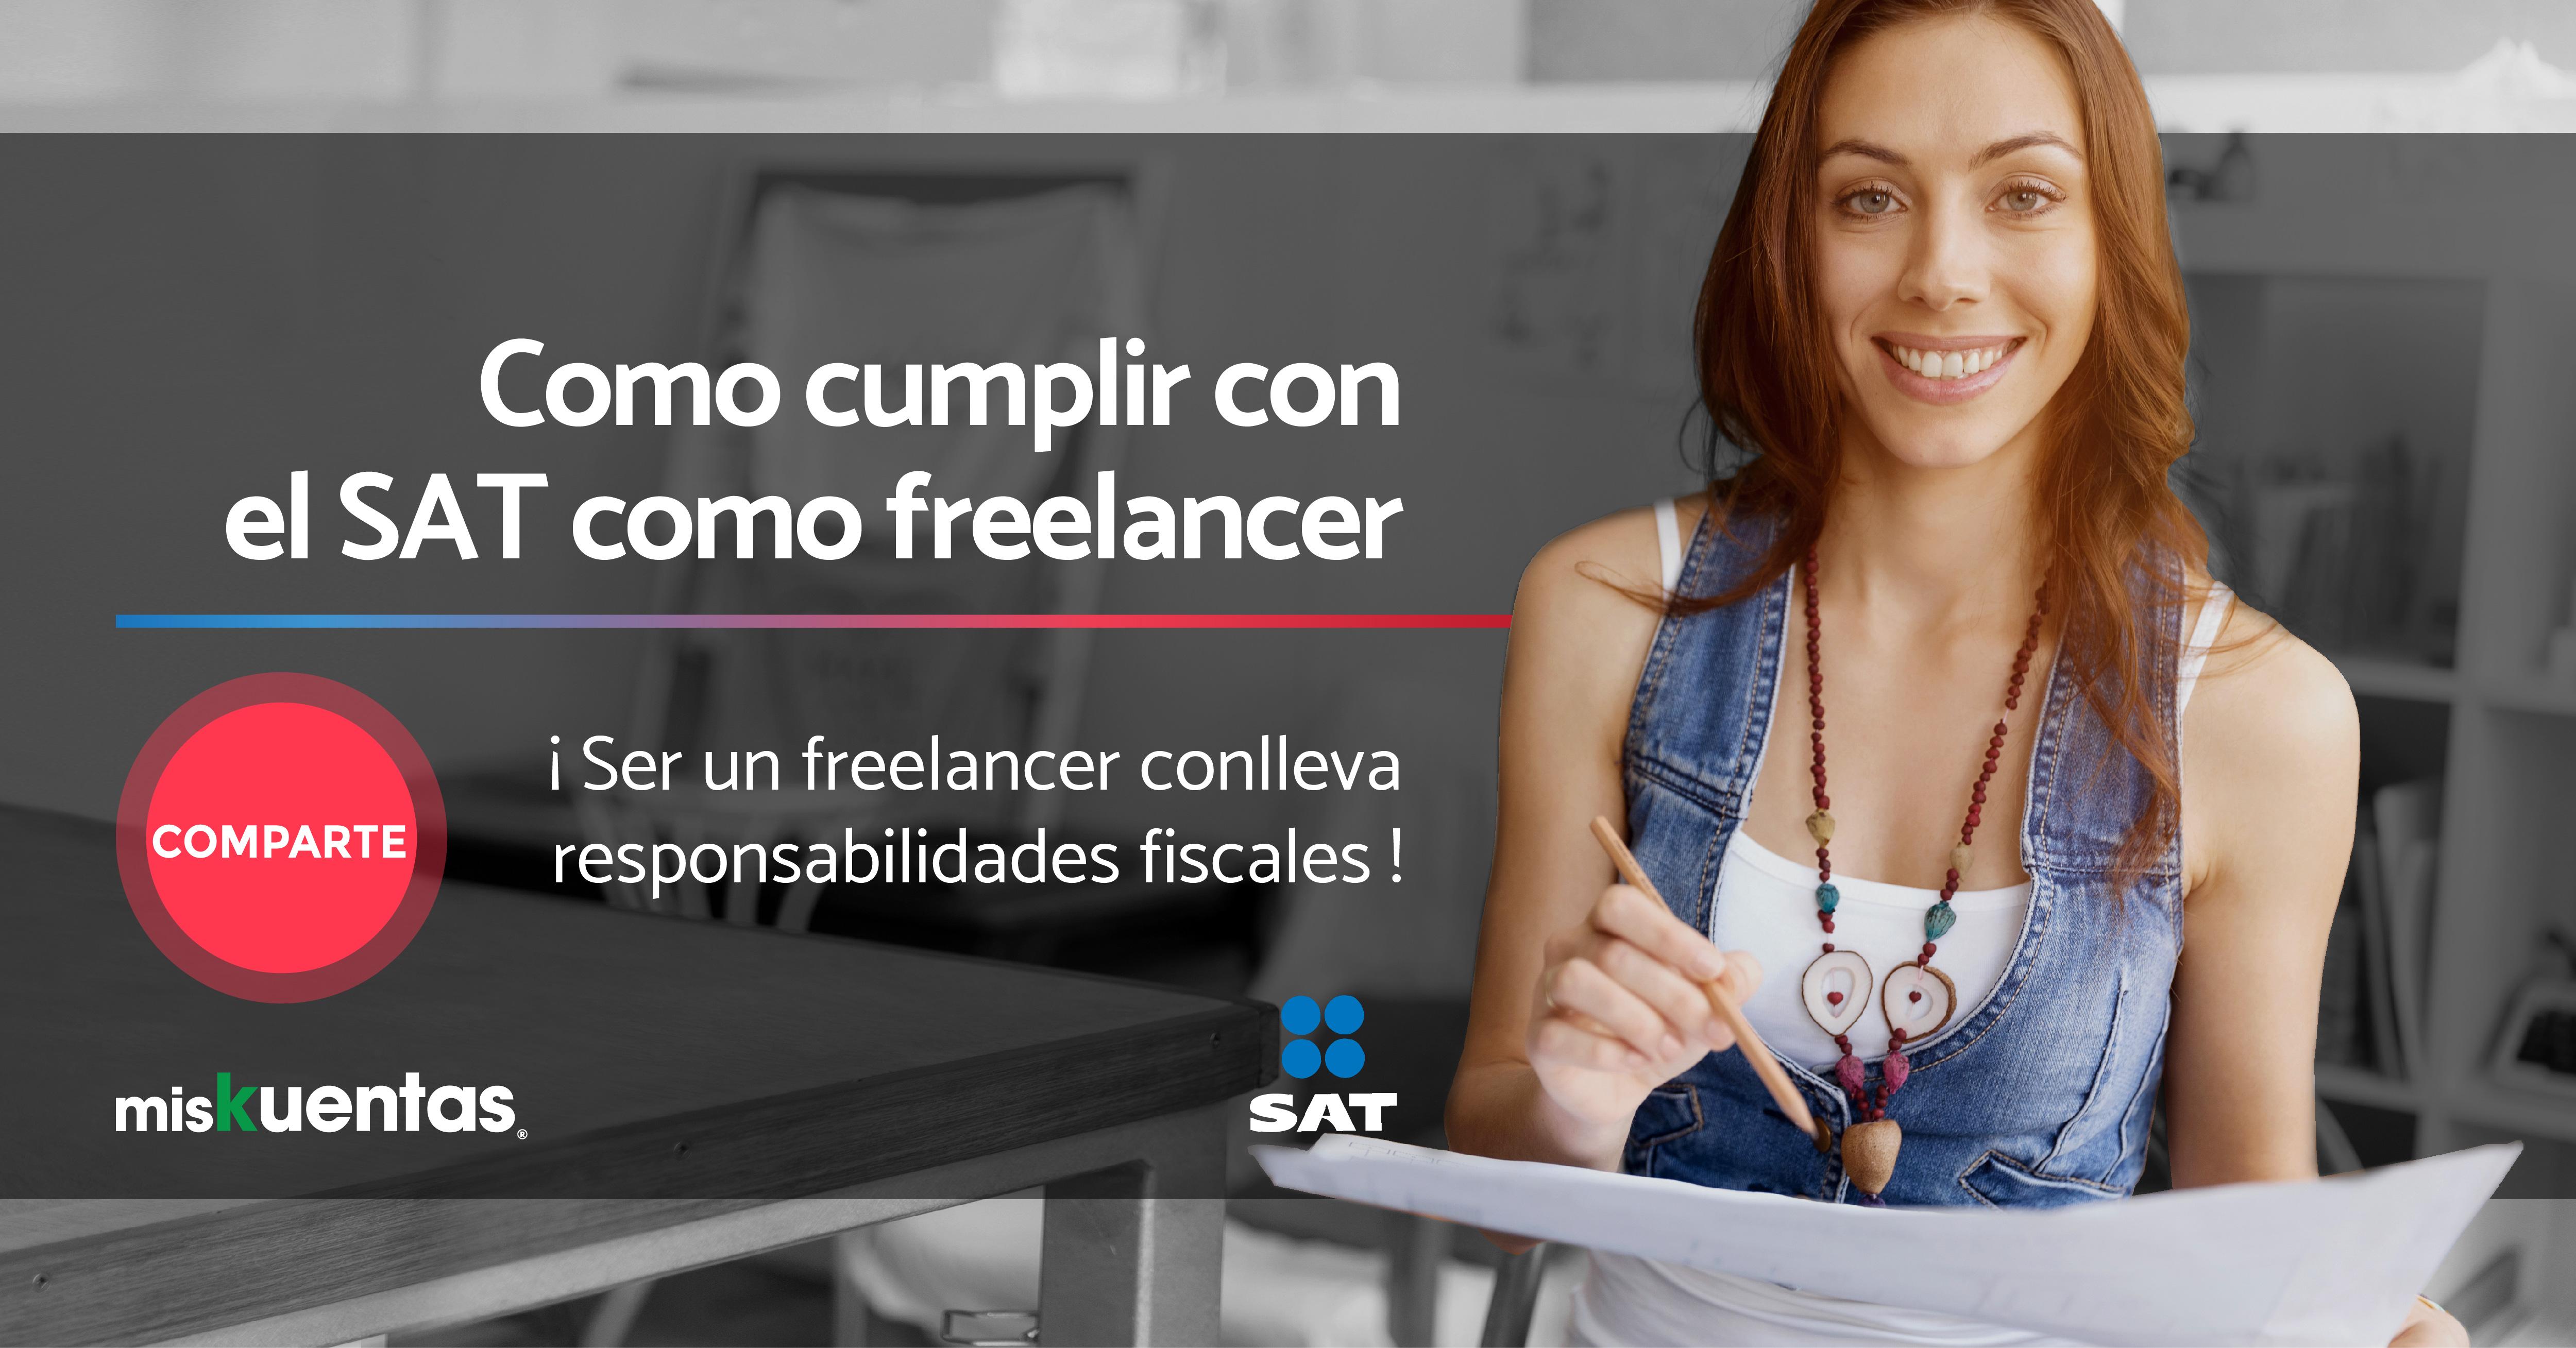 30% de los mexicanos trabajan de manera independiente, ser un freelancer conlleva responsabilidades fiscales a través de los CFDI.